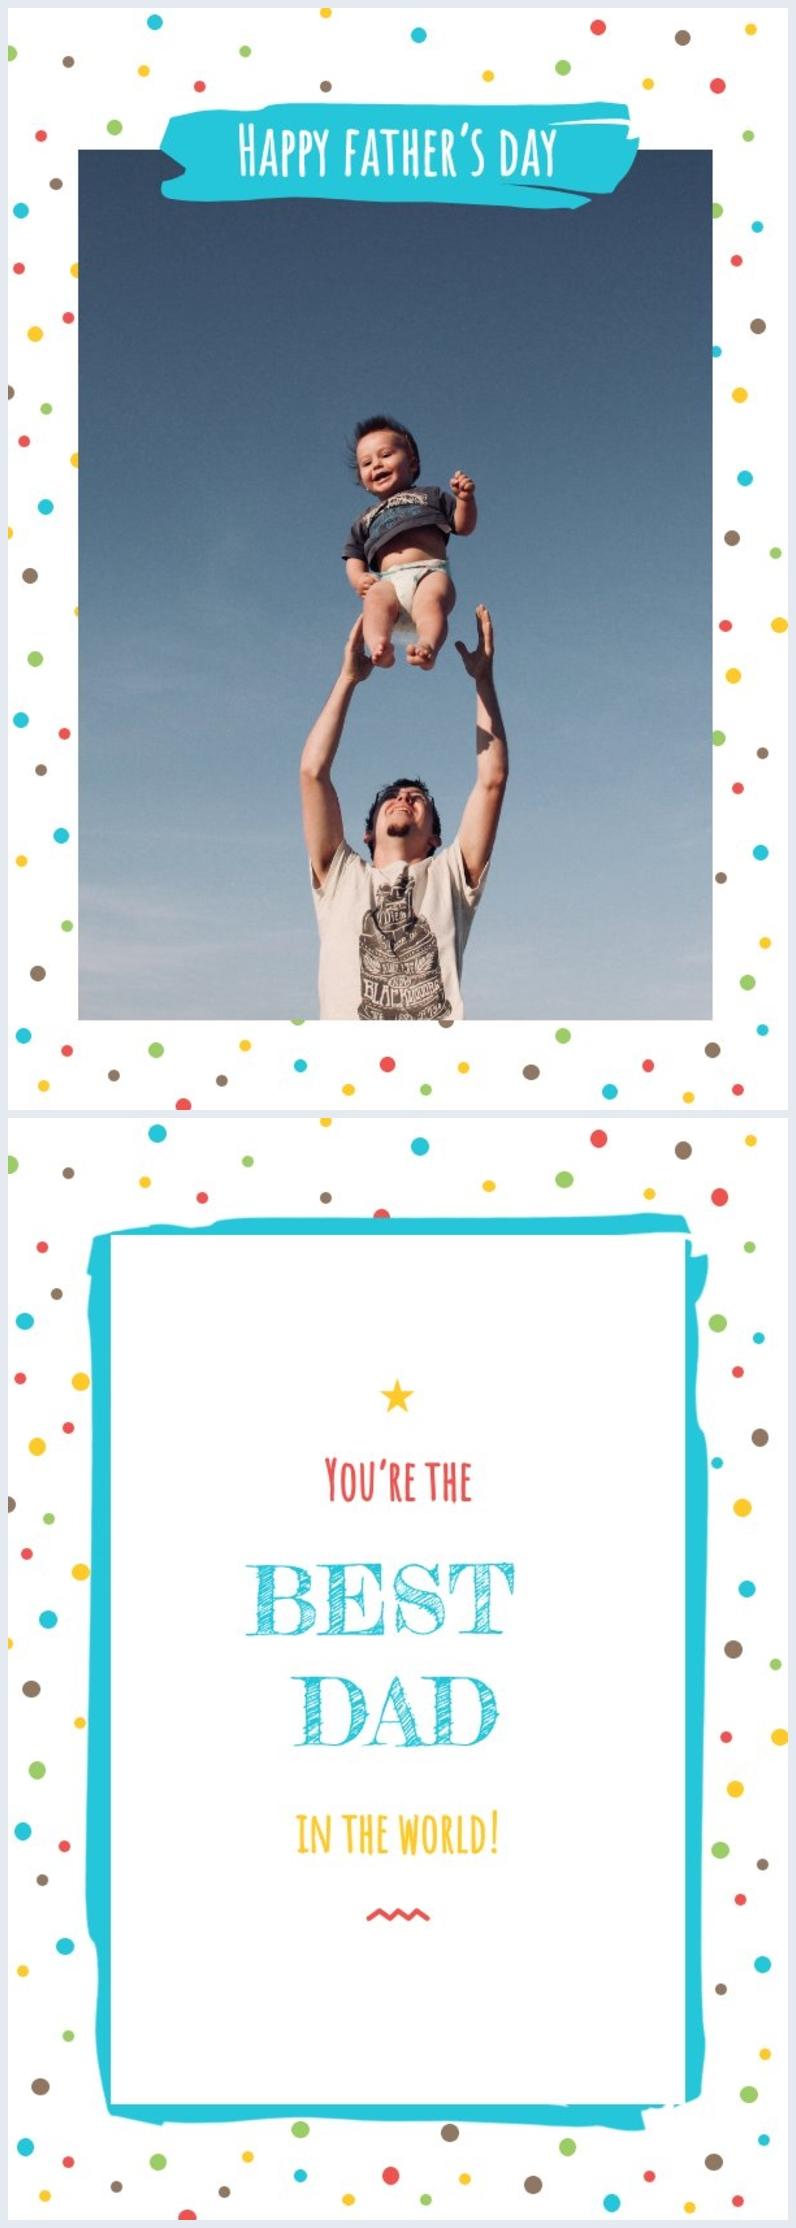 Diseño colorido y editable para tarjeta del Día del padre